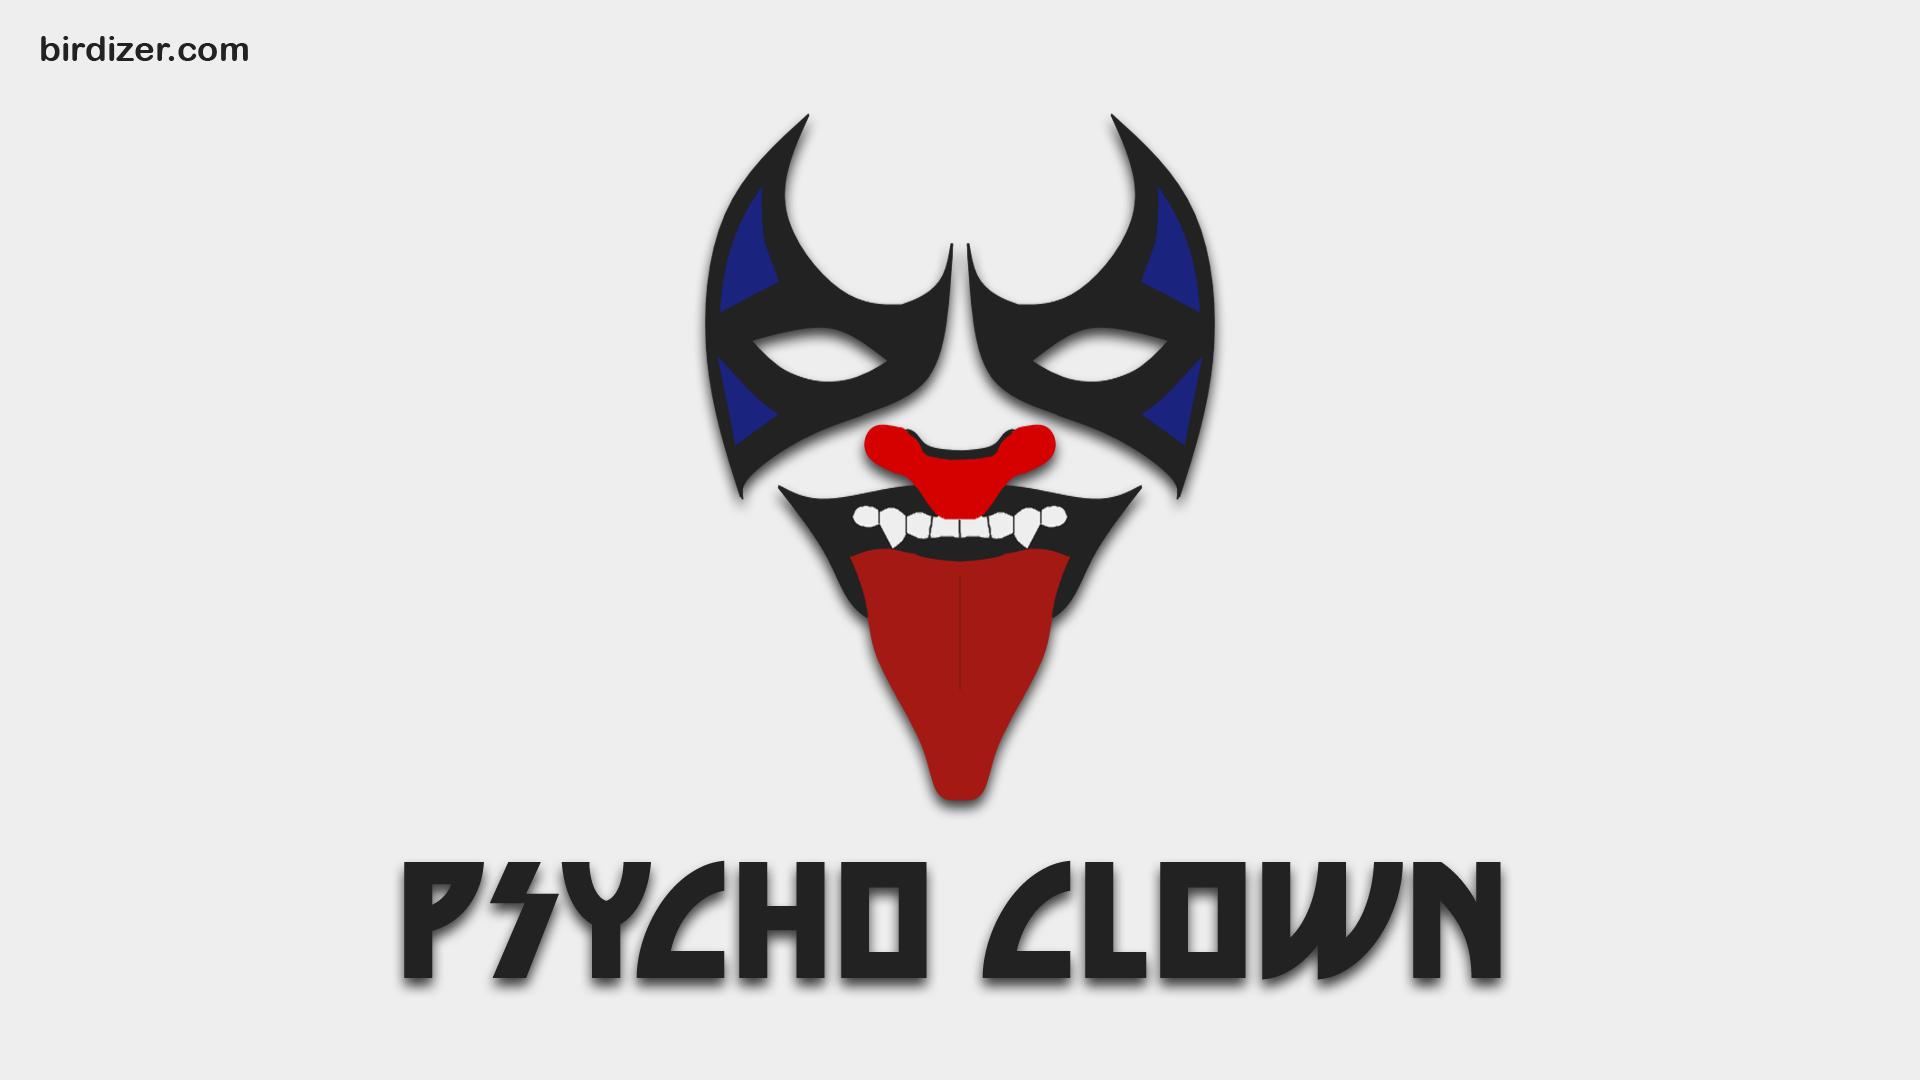 Psycho Clown Mascara Wallpaper Imagenes De Lucha Libre Mascaras De Luchadores Lucha Libre Mexicana